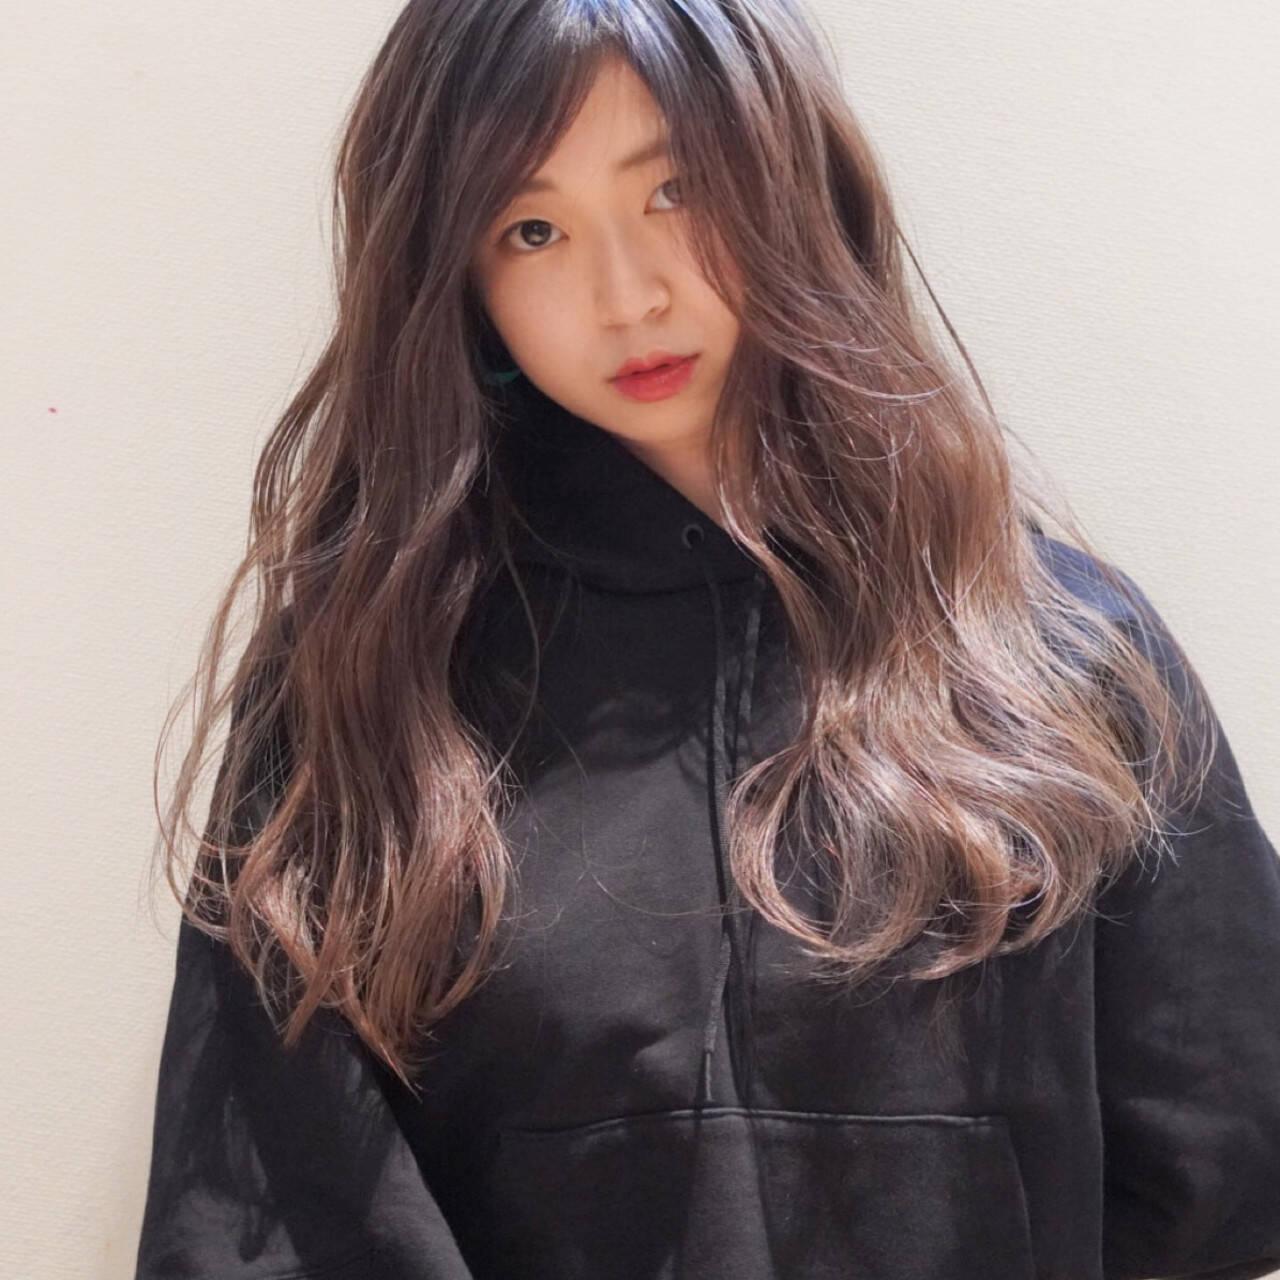 ロング ハイライト 3Dハイライト コントラストハイライトヘアスタイルや髪型の写真・画像